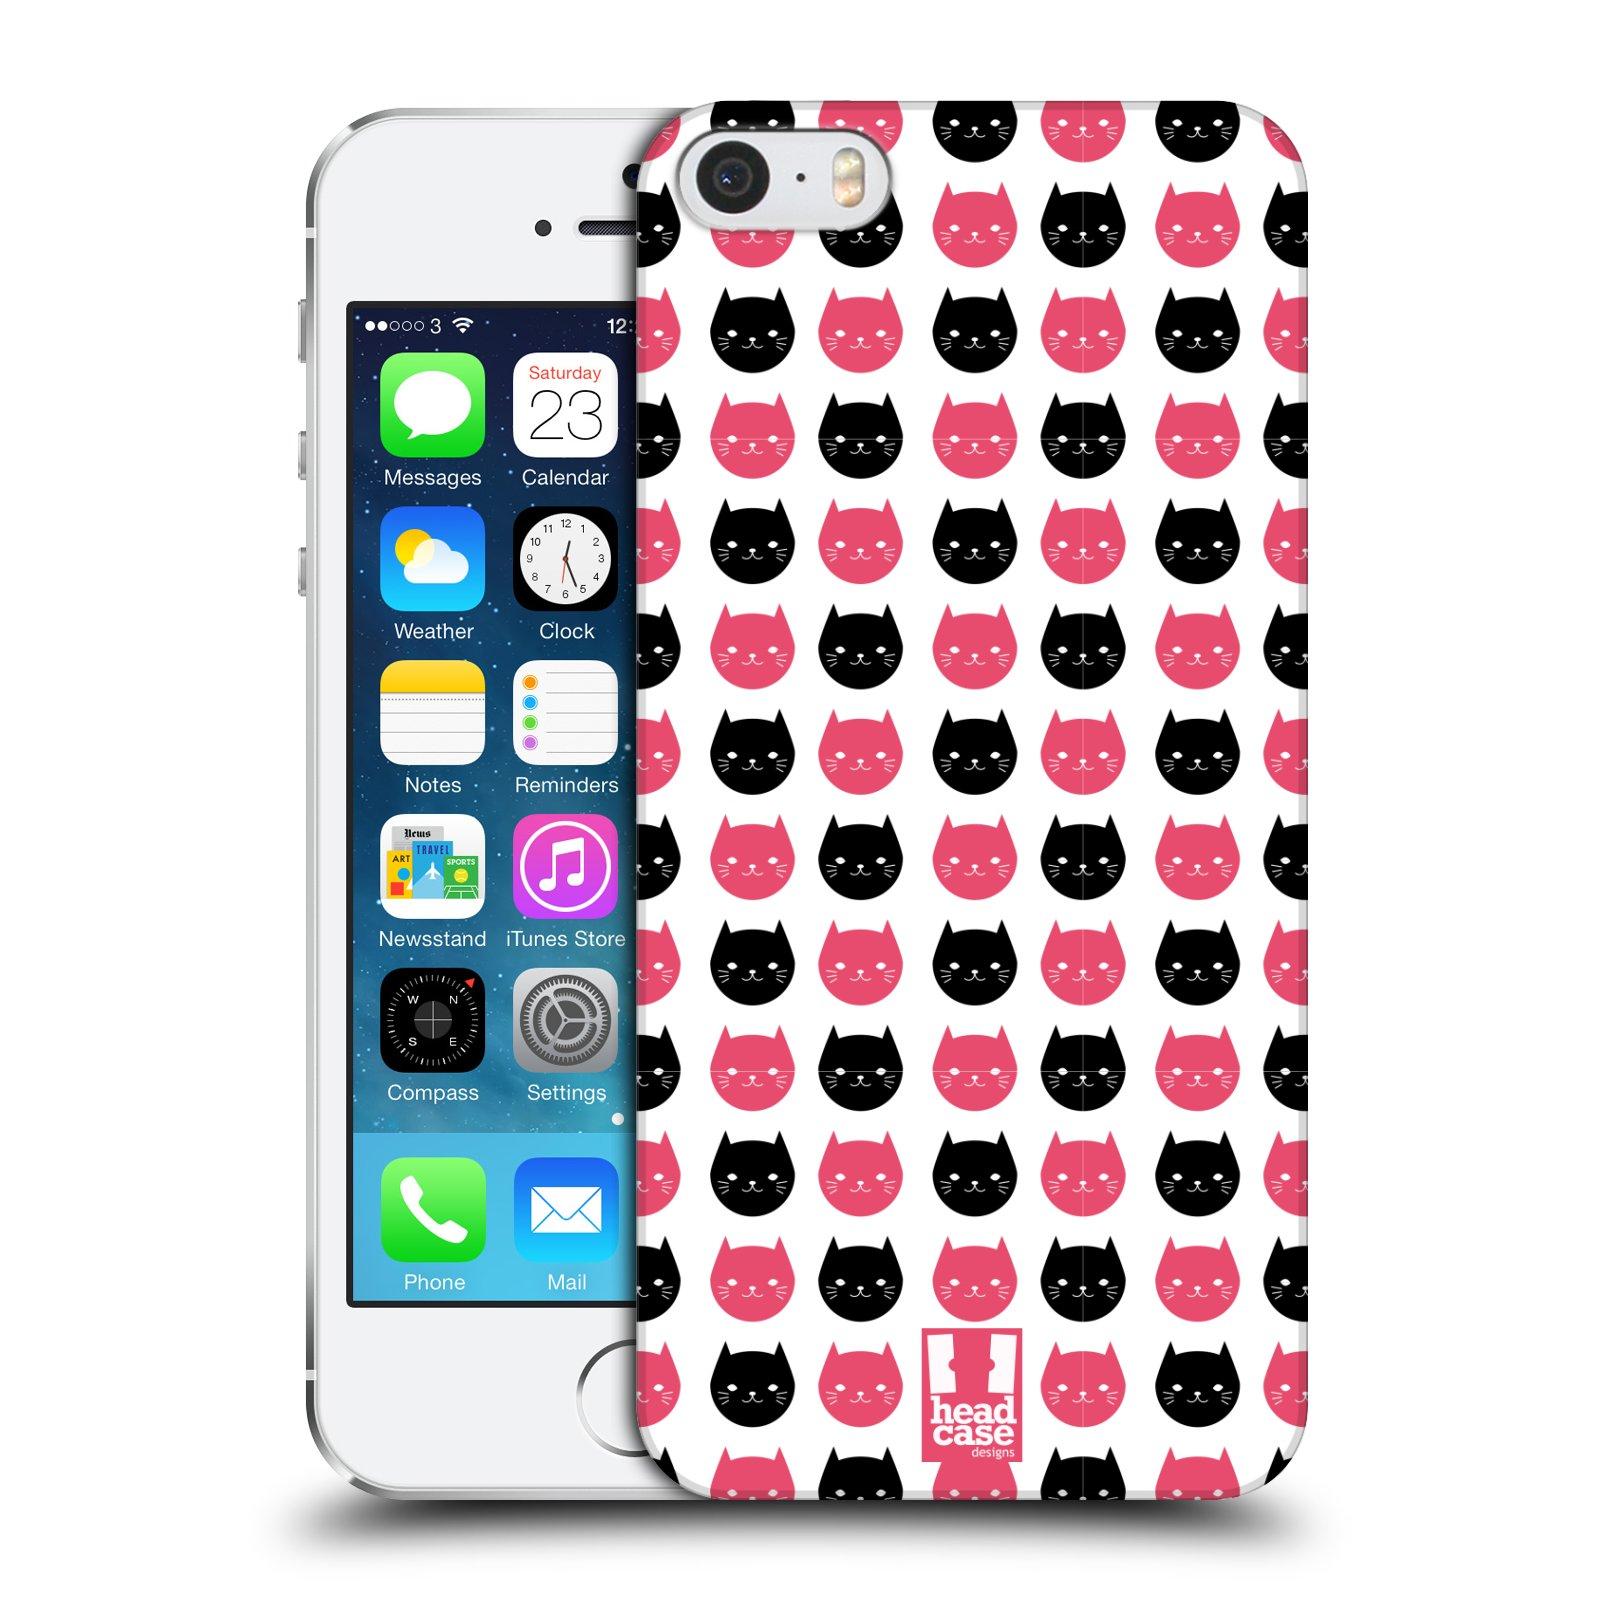 Plastové pouzdro na mobil Apple iPhone SE, 5 a 5S HEAD CASE KOČKY Black and Pink (Kryt či obal na mobilní telefon Apple iPhone SE, 5 a 5S)